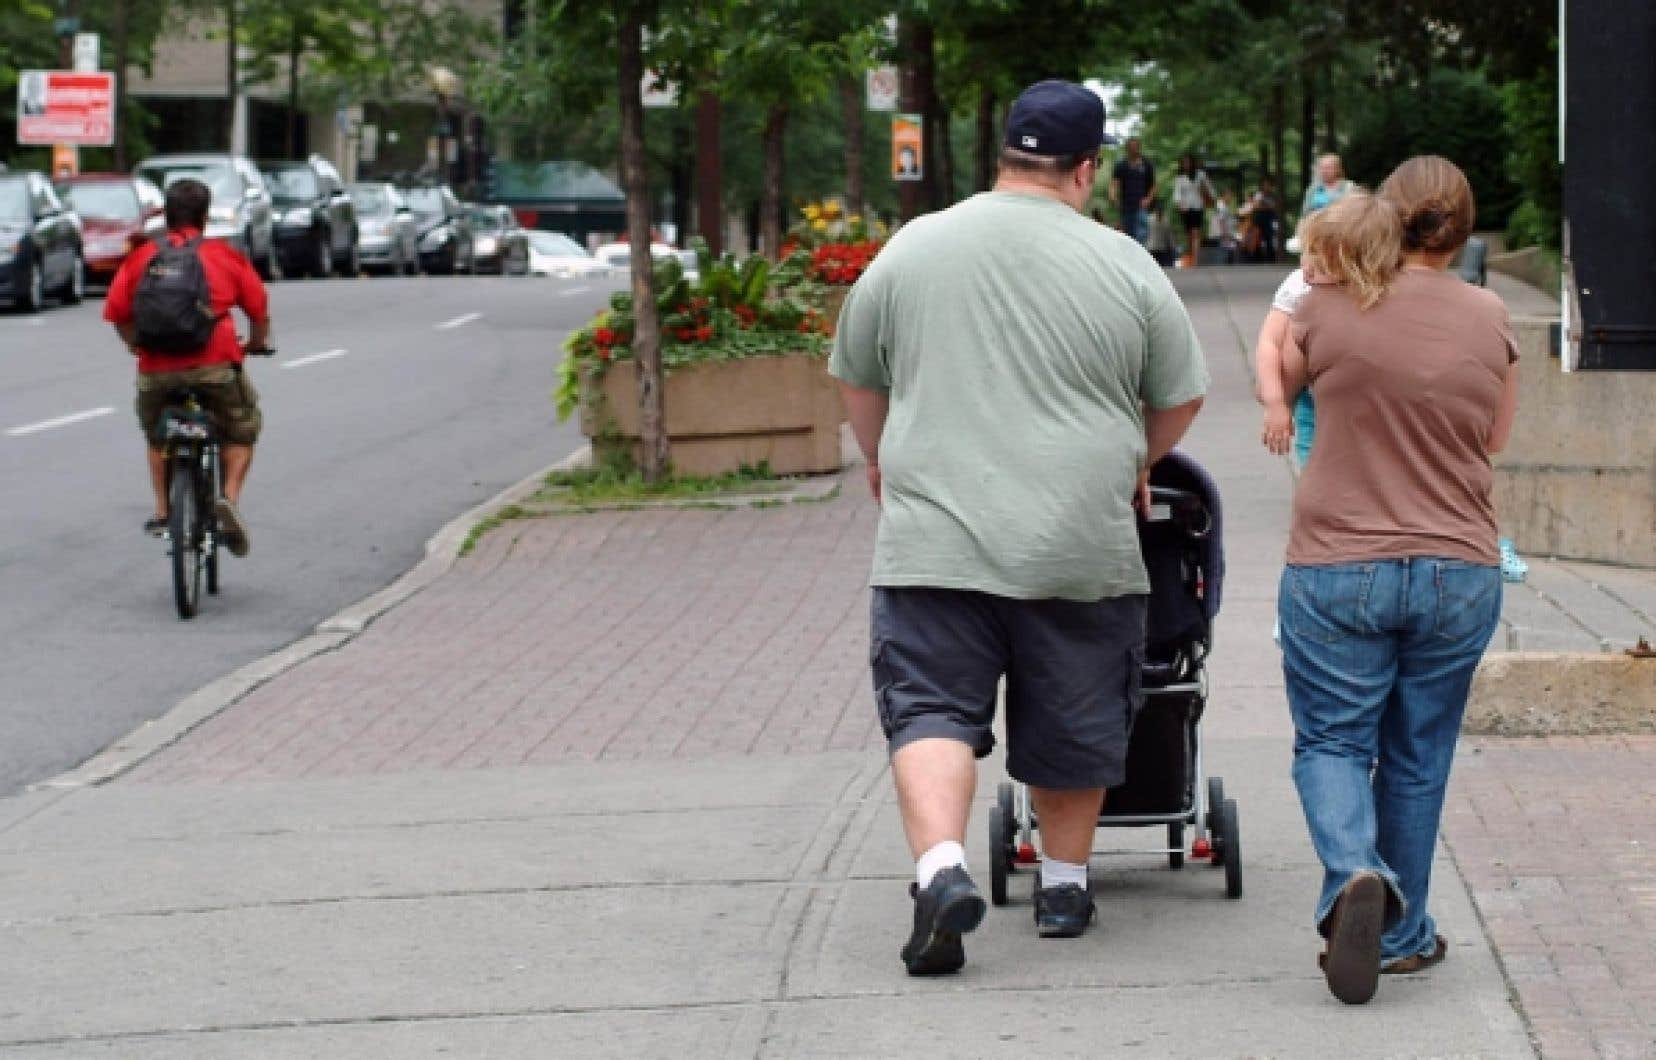 Lors des Entretiens Jacques-Cartier, les spécialistes ont donc consacré deux jours à cerner les enjeux autour de l'obésité, en portant une attention particulière à l'écologie de l'intestin et à l'influence de l'environnement.